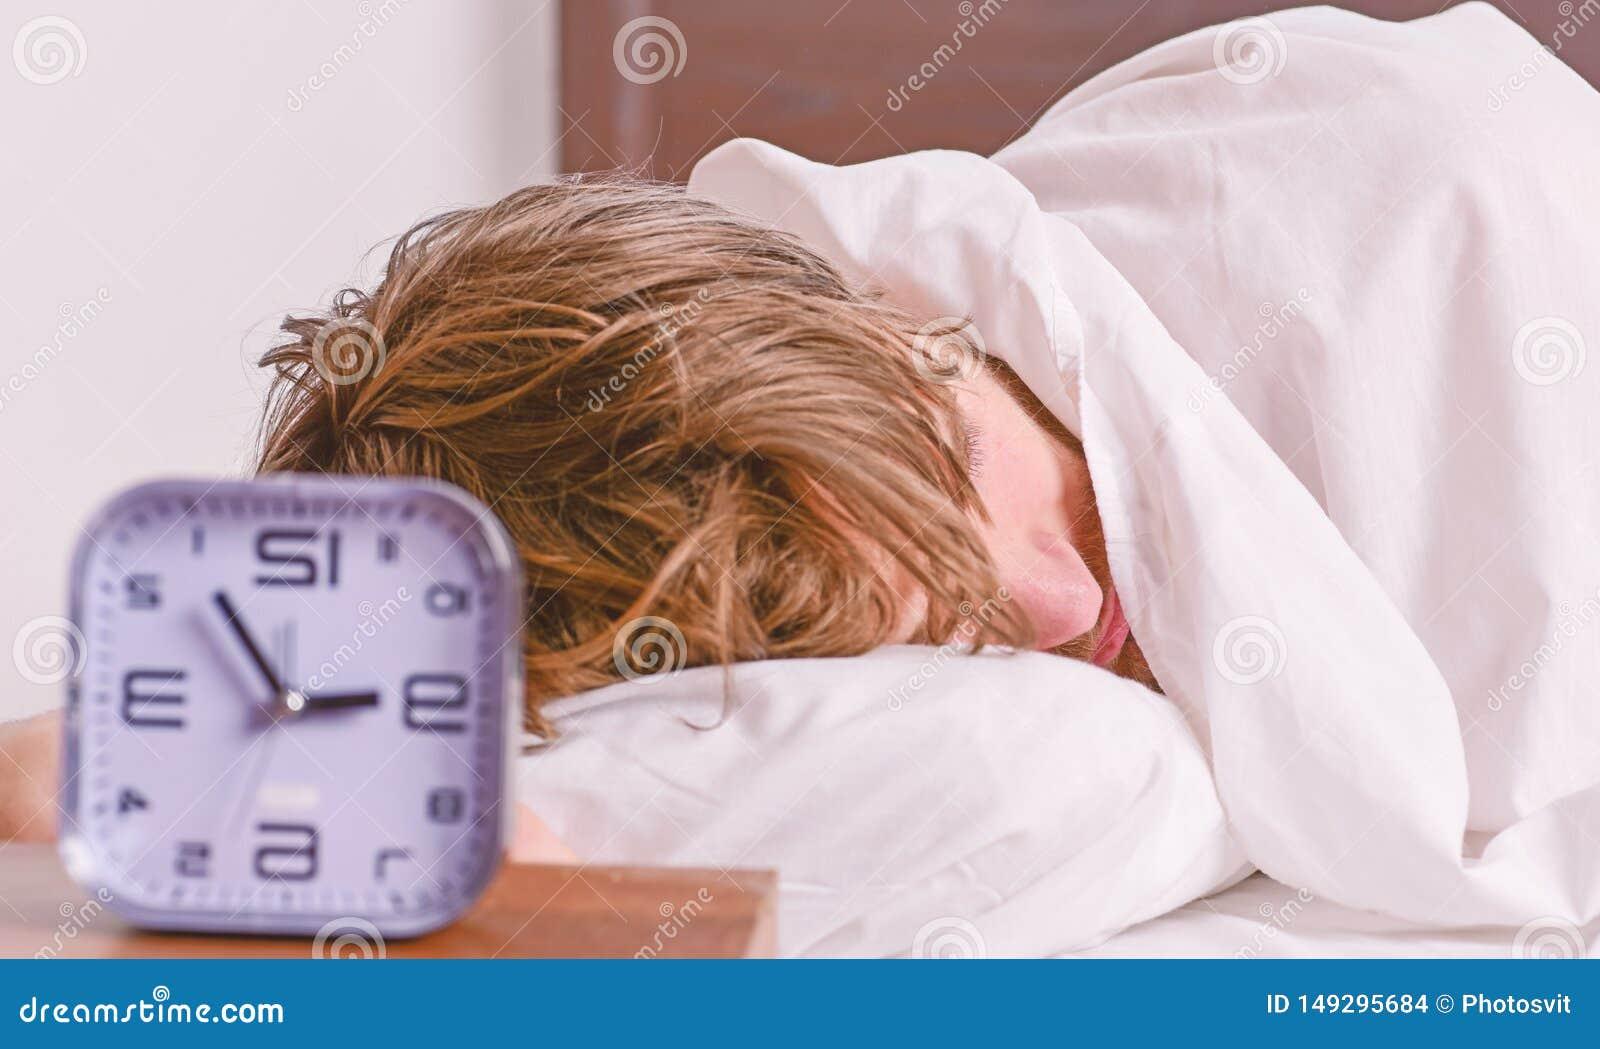 Rozochocony m?ody cz?owiek budzi si? up po spa? w ranku M??czyzna rozci?ganie w ?